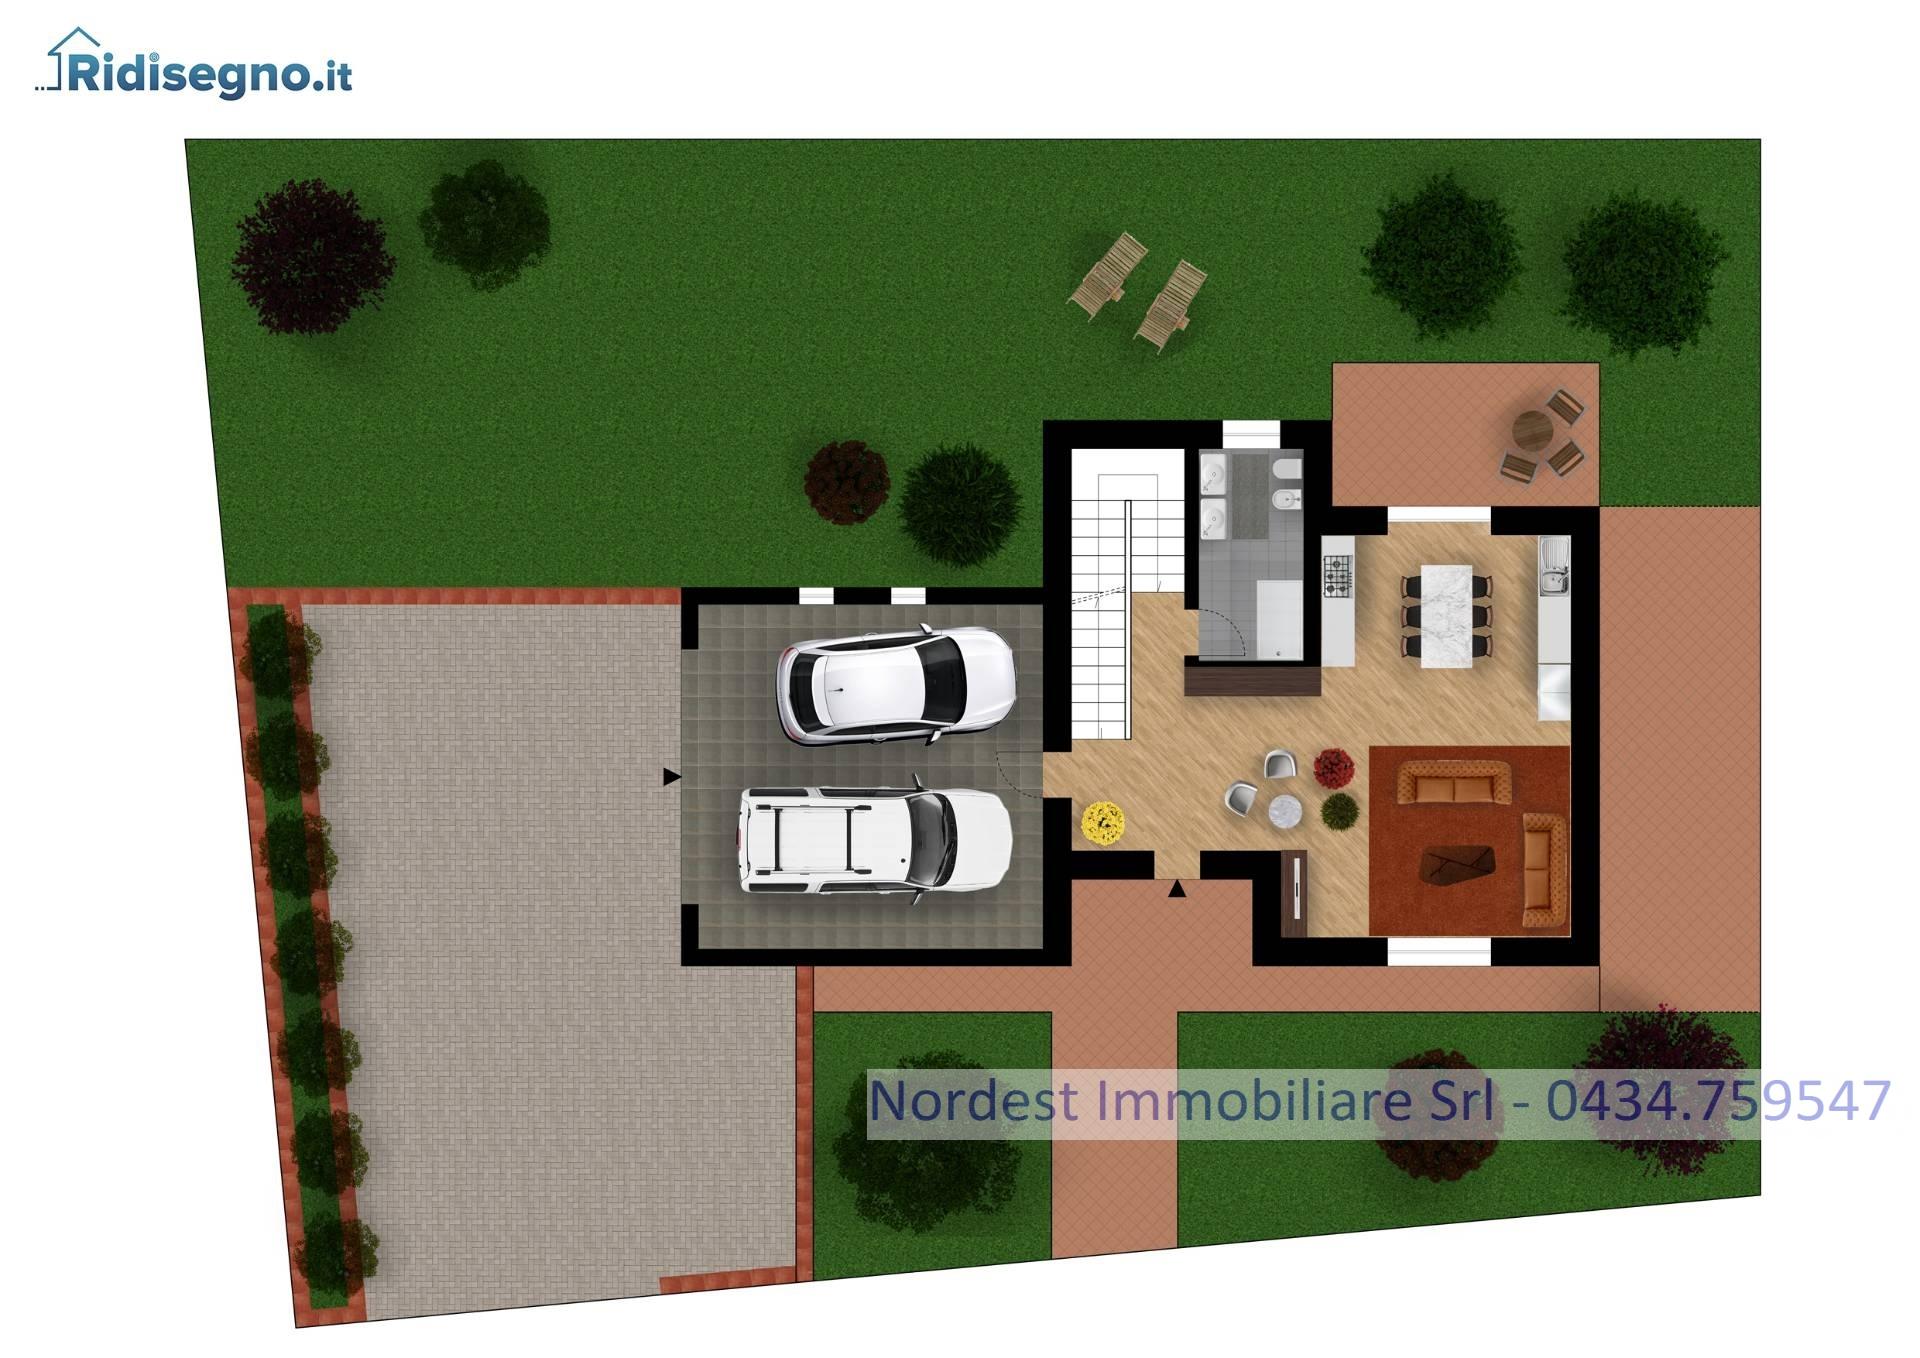 Villa Bifamiliare in vendita a Gaiarine, 6 locali, Trattative riservate | CambioCasa.it